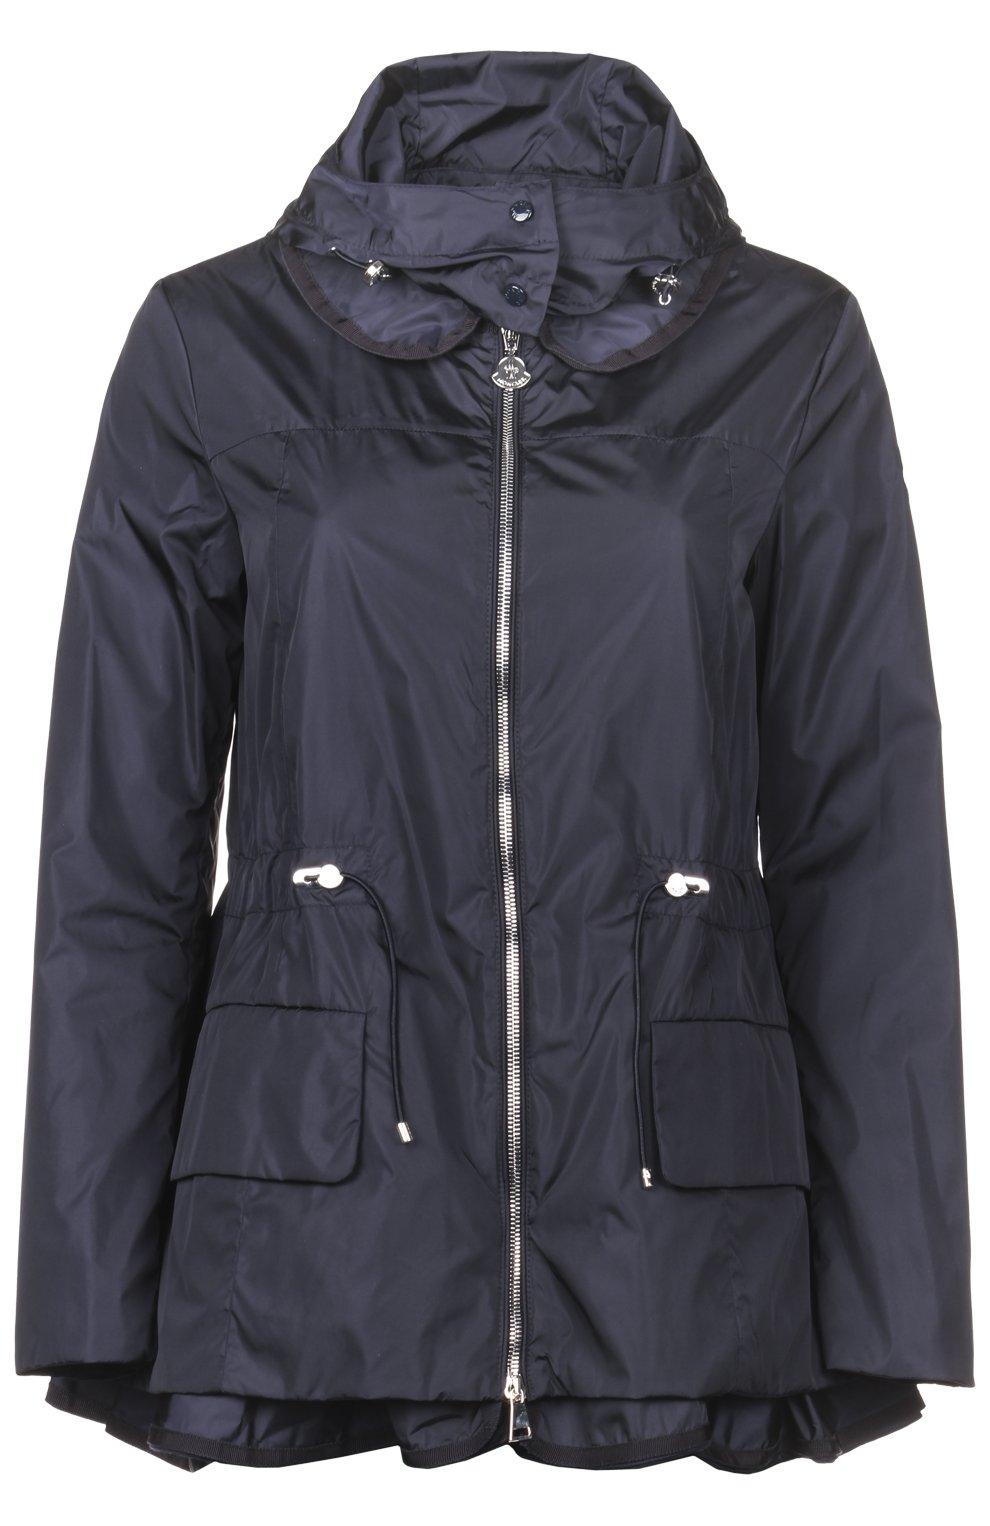 cc0e6d48 Женская синяя куртка-ветровка с капюшоном MONCLER — купить за 69950 ...